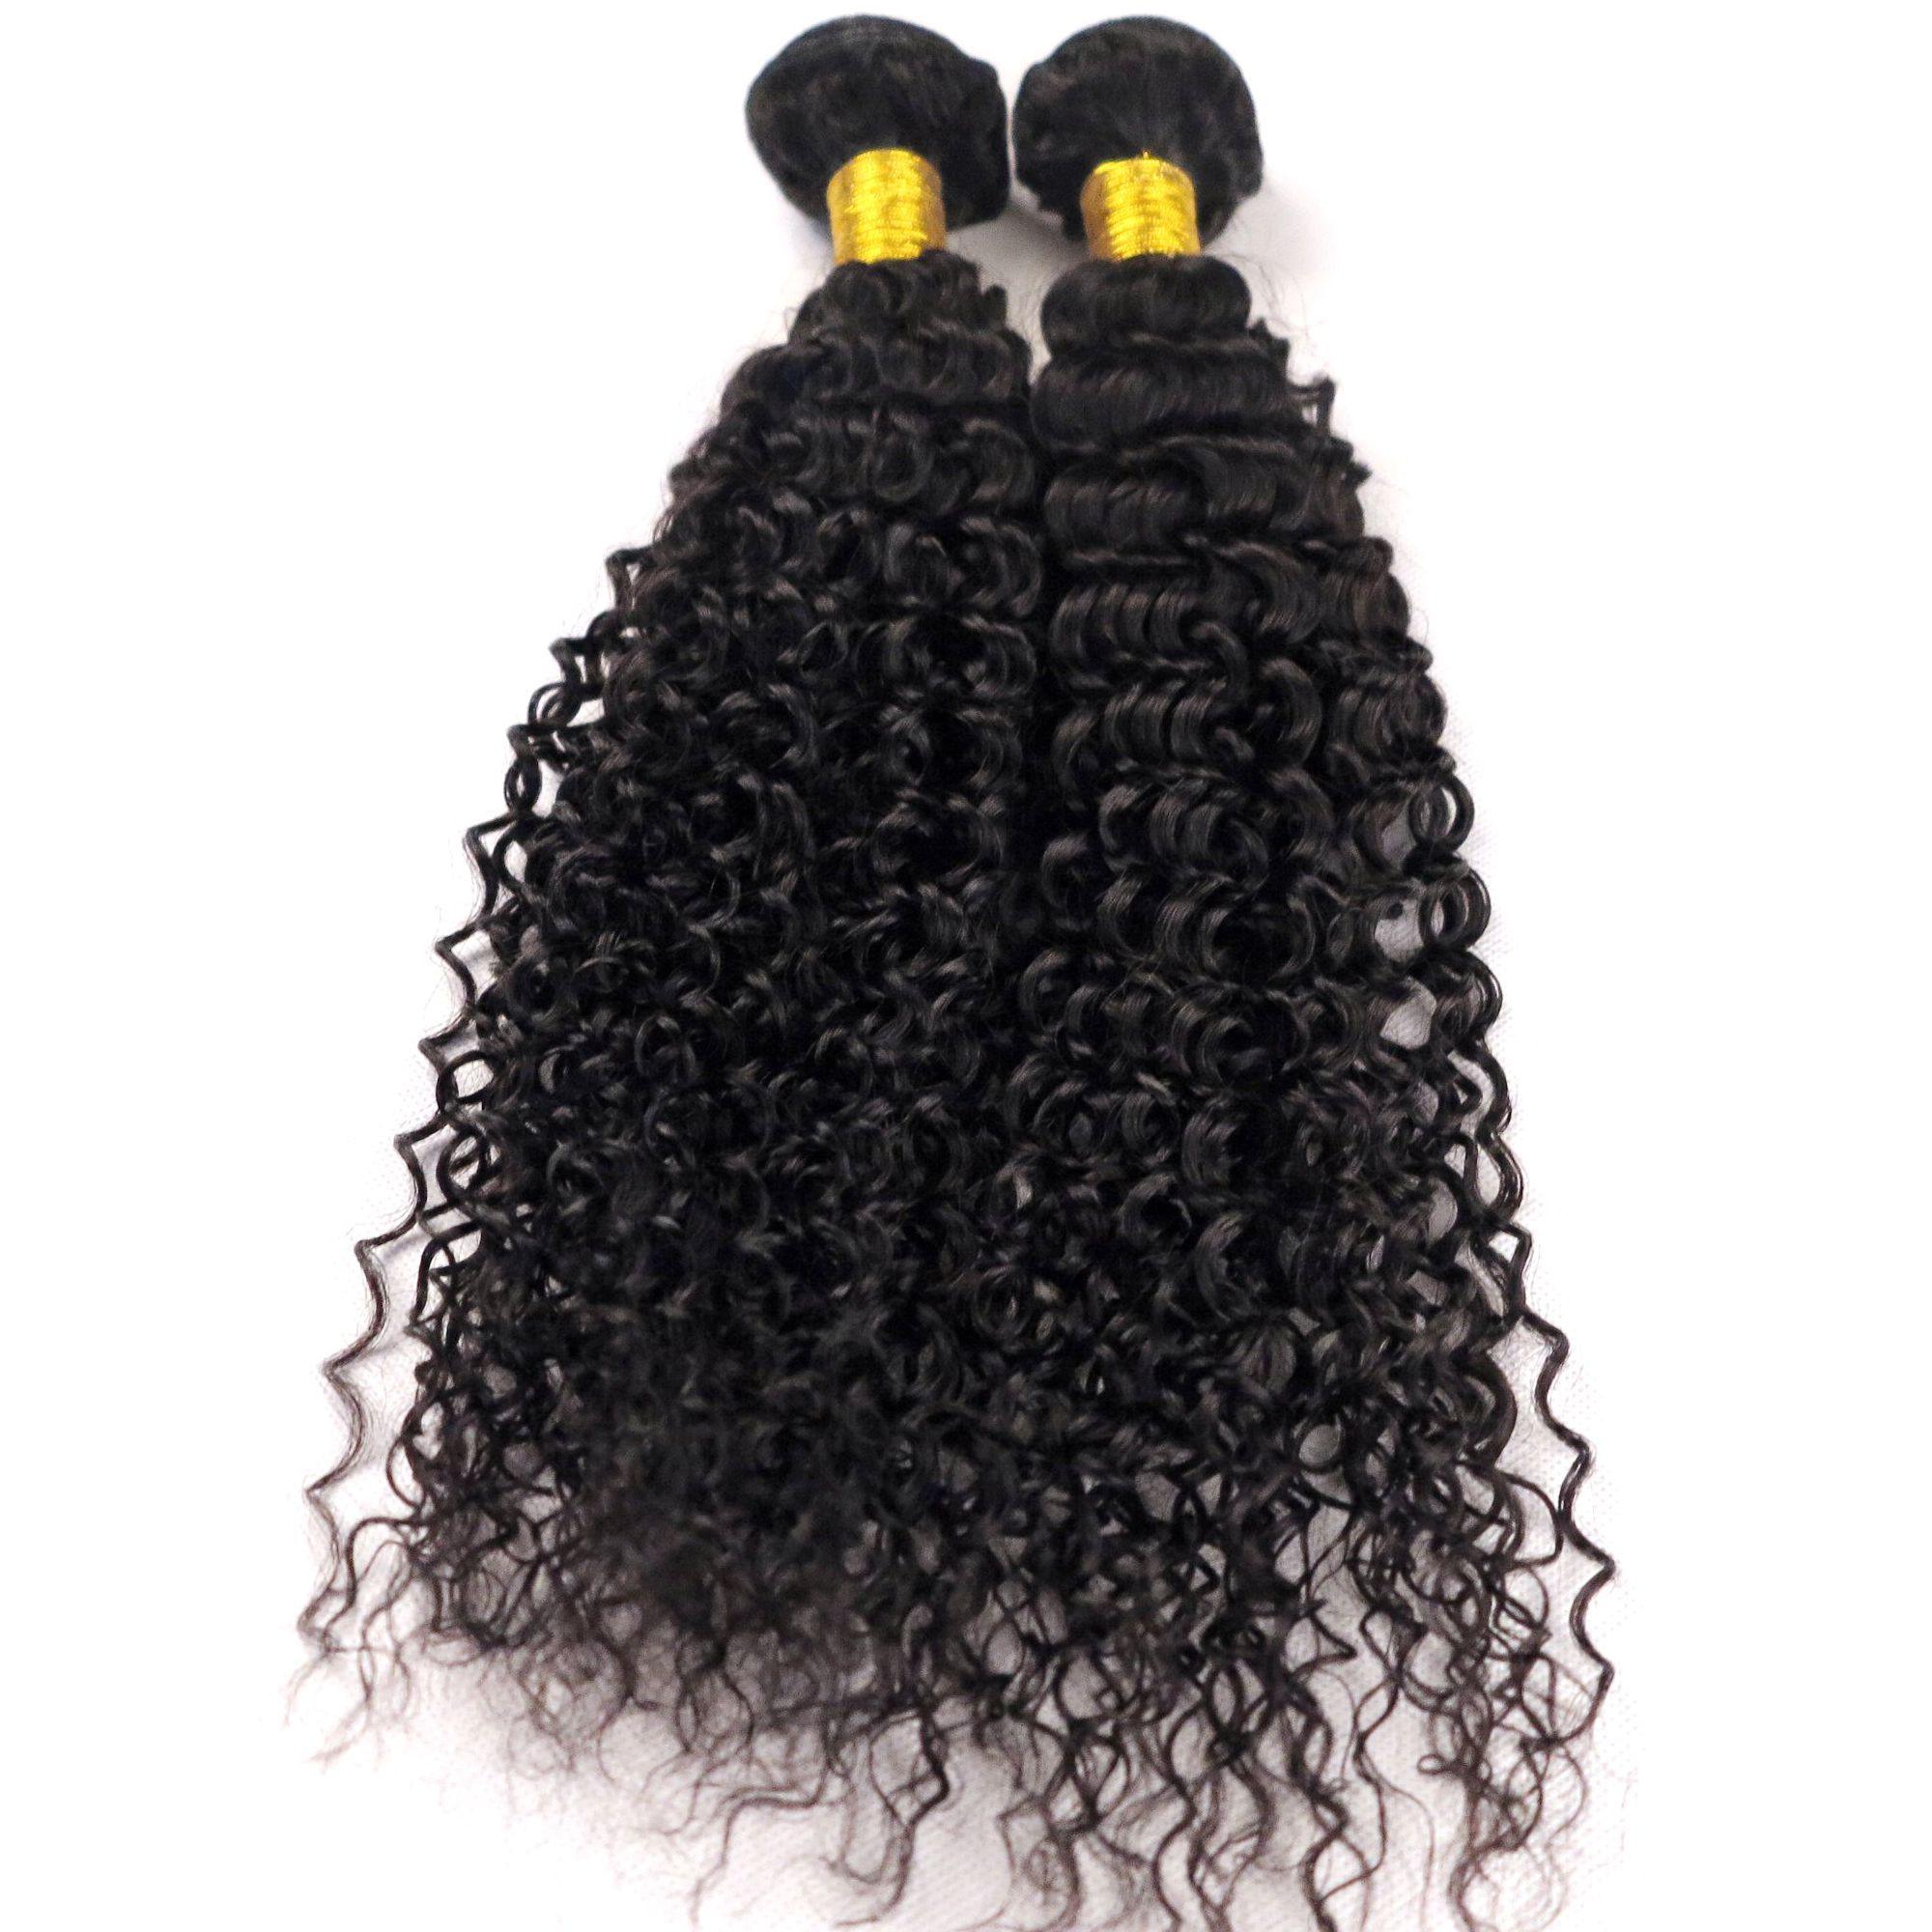 Mink Virgin Hair Extensions Human Hair Weaves Water Wave Unprocessed